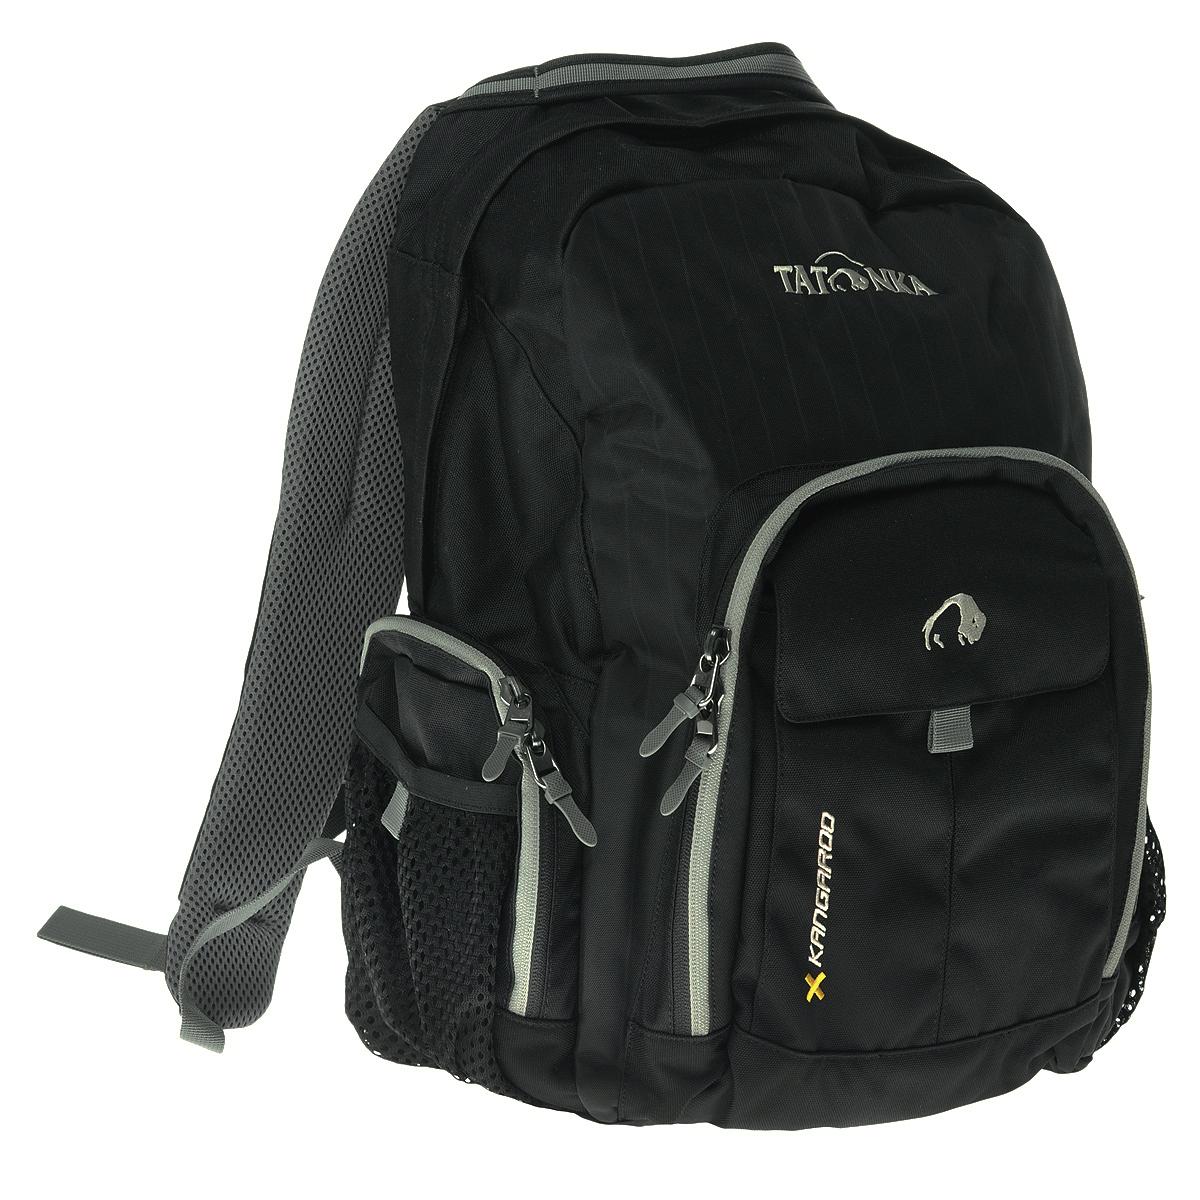 Рюкзак городской Tatonka Kangaroo, цвет: черный, 27 л. 1601.0401601.040Практичный городской рюкзак со множеством карманов. Рюкзак Kangaroo назван так вероятно потому, что в него можно уложить большое количество вещей. Для всего, что не помещается в основное отделение или должно находиться под рукой, рюкзак Kangaroo располагает передним накладным карманом на молнии с органайзером и двумя боковыми сетчатыми карманами на молнии. Легкие грудной и поясной ремни обеспечивают дополнительную фиксацию рюкзака. Спинка, обтянутая воздухопроницаемой сеткой AirMesh, удобно прилегает к спине и обеспечивает комфорт при ношении. Лямки так-же обтянуты сеточкой AirMesh и обеспечивают комфорт даже в жаркую погоду. Особенности: Подвеска: Padded Back. Материал: Textreme 6.6; Cross Nylon 420HD; AirMesh. Подвеска Back Comfort. Лямки и спинка обтянуты сеточкой AirMesh. Передний накладной карман с органайзером. Внутренний карман. Боковые кармашки на молнии. Ручка для переноски. Съемные поясной ремень. ...